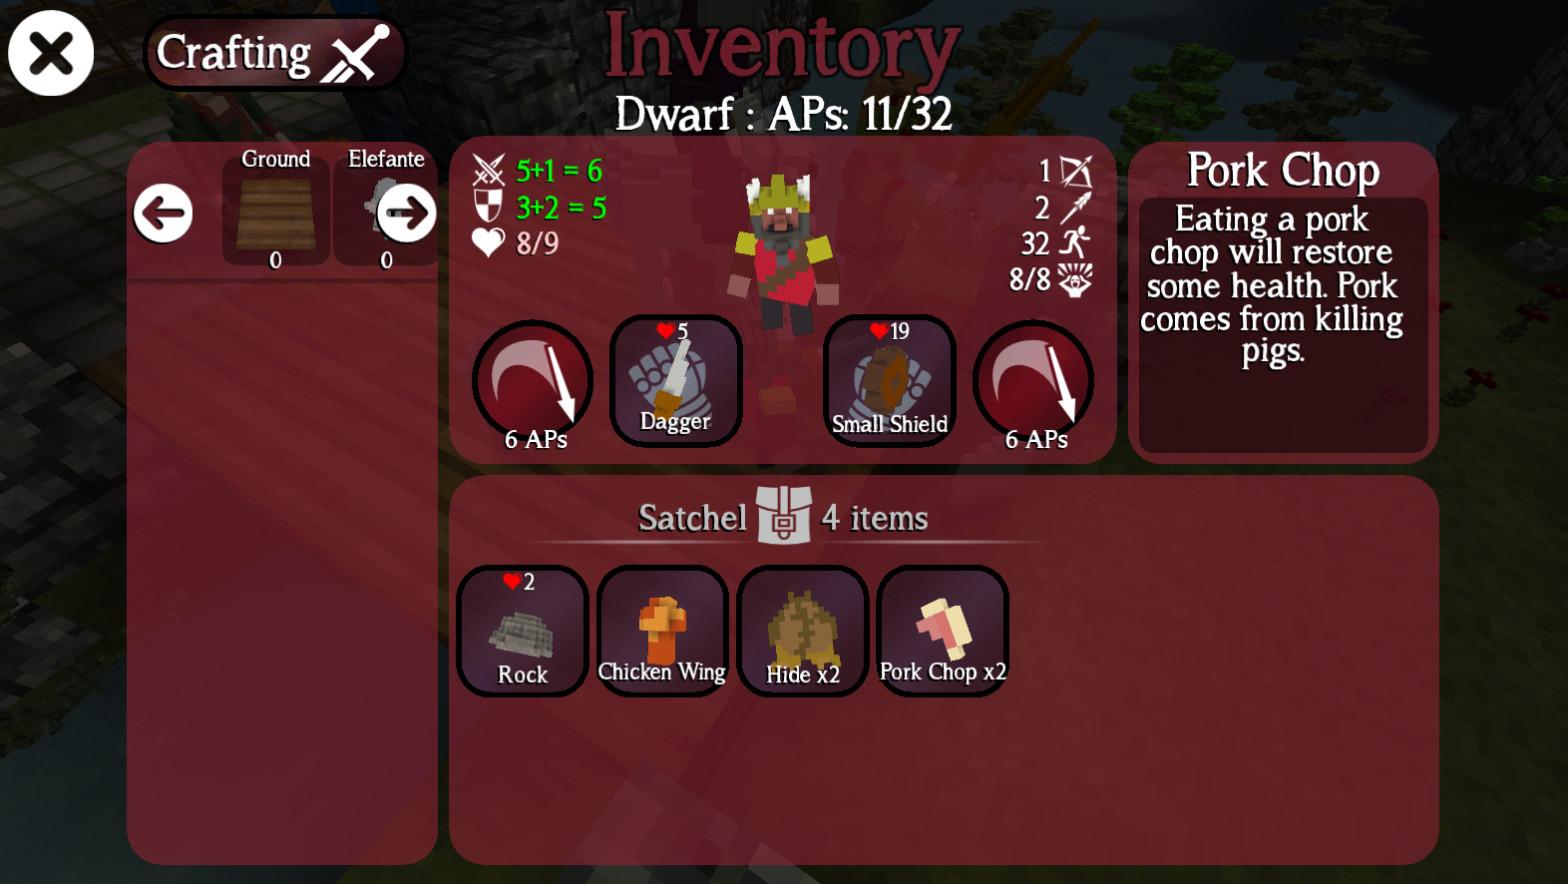 Giochi completi per Android gratuiti - The Last Warlock crafting